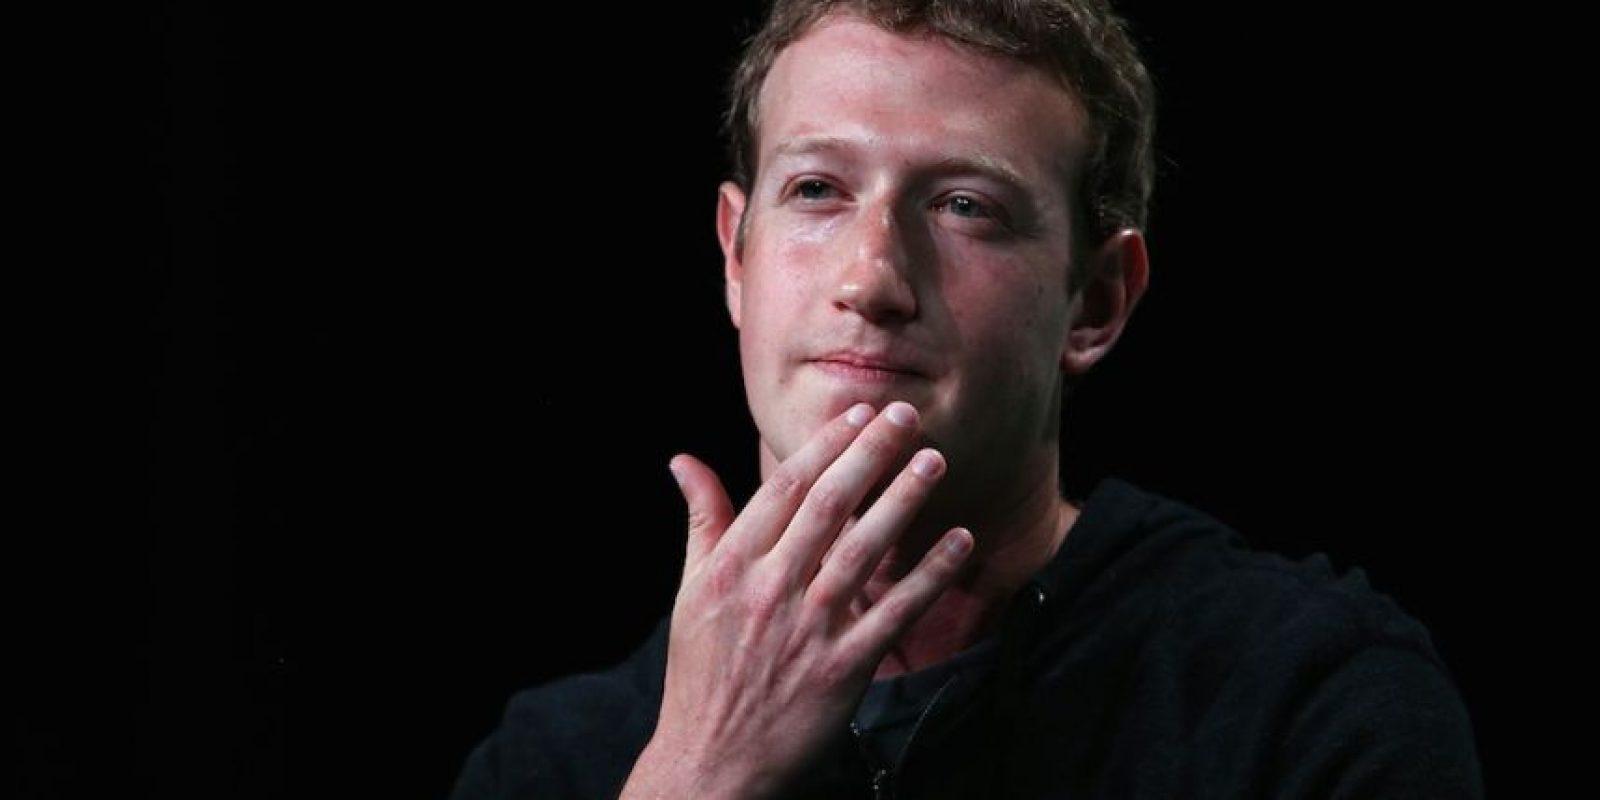 Según Mark, solamente 2.7 mil millones de personas en el planeta tienen acceso a internet. Foto:Getty Images